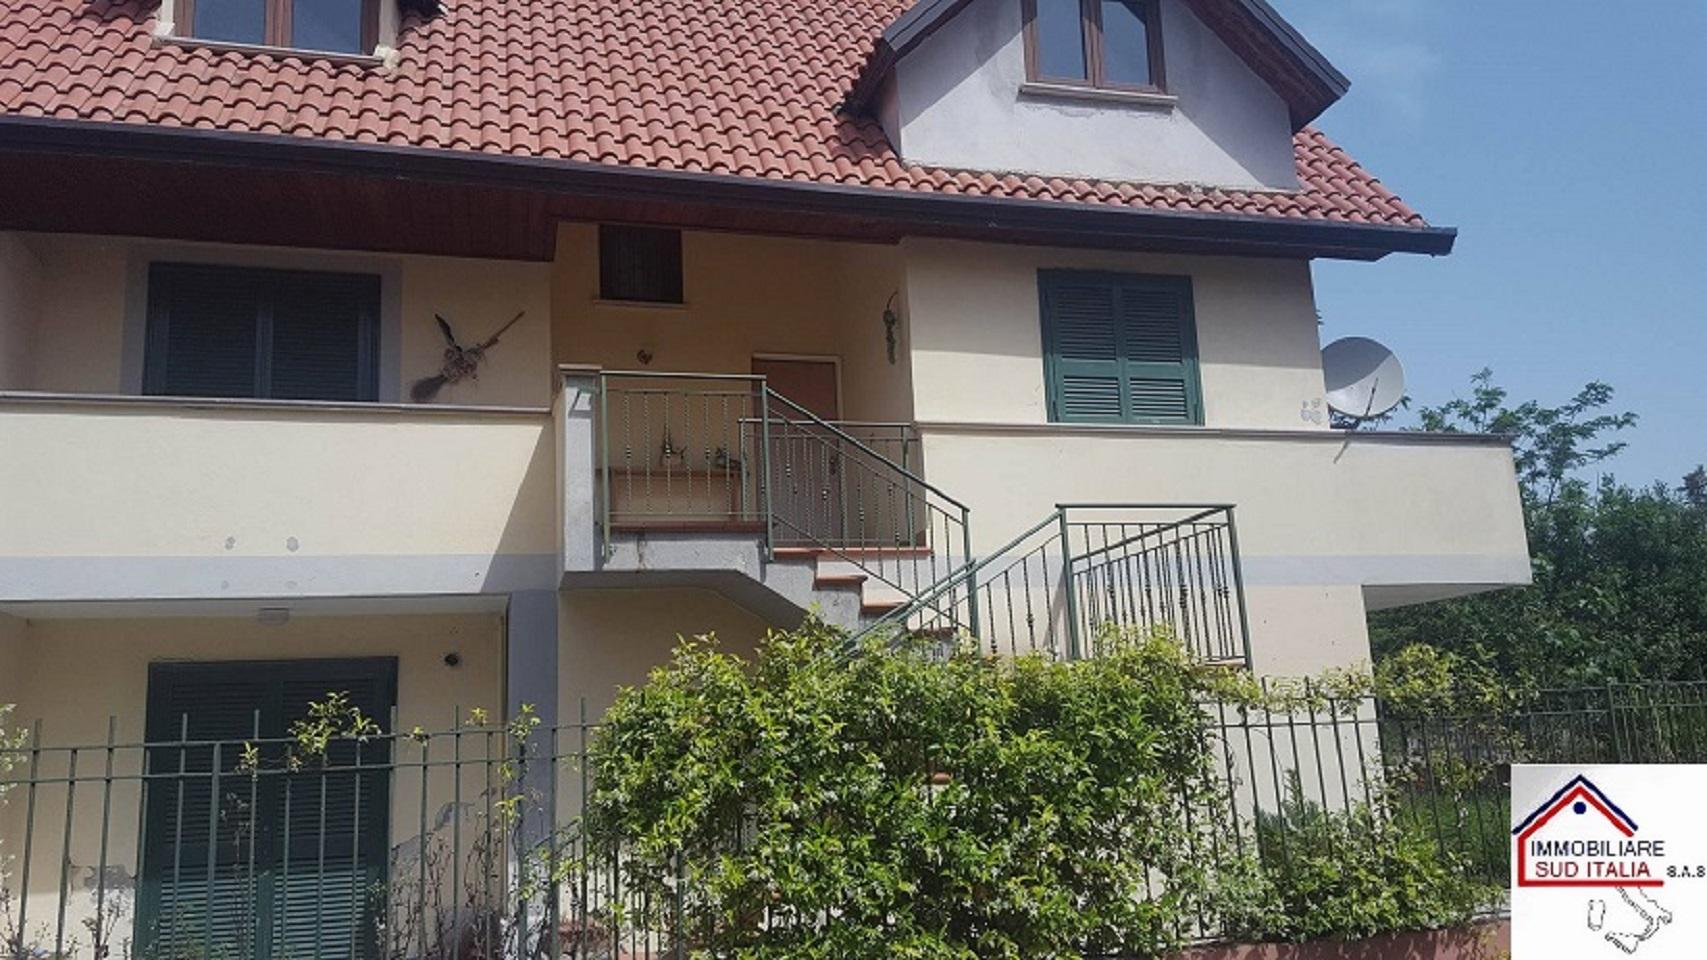 Villa in affitto a Giugliano in Campania, 4 locali, zona Zona: Varcaturo, prezzo € 850 | CambioCasa.it